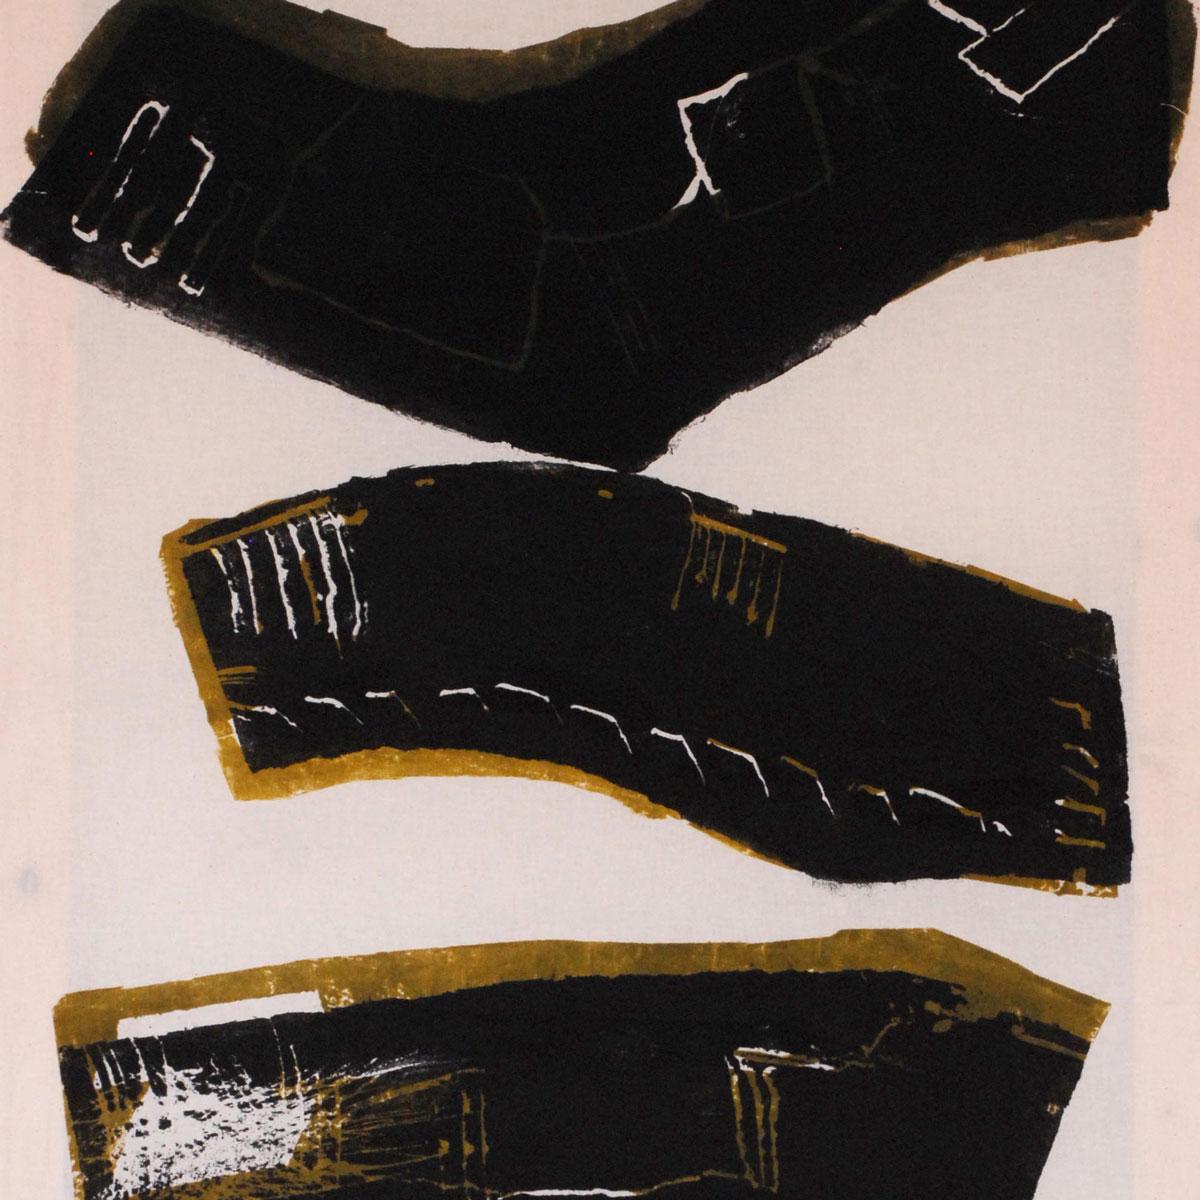 Albert Krüger: Pfade, 4 zweifarbige Holzdrucke auf Tuch